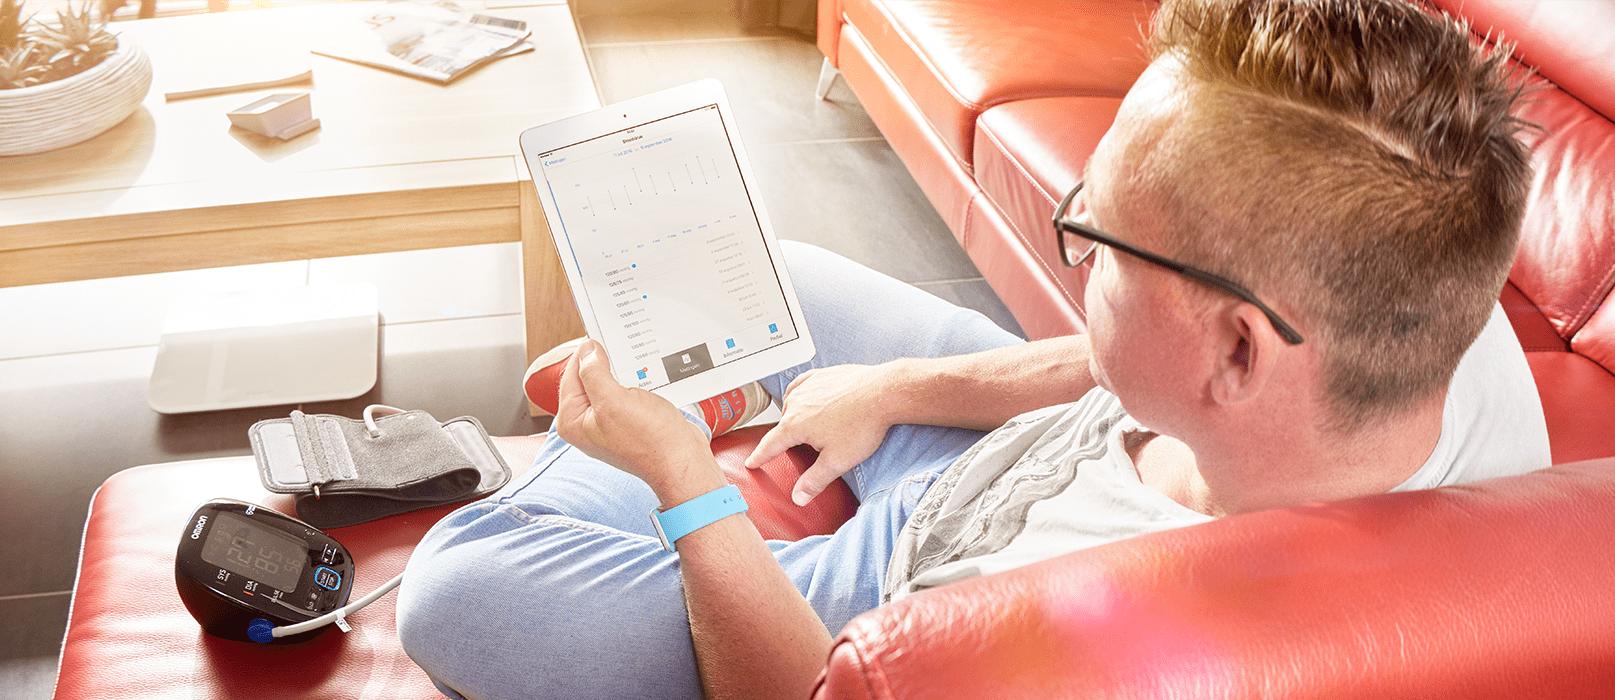 Blodtryksmåling med cVitals appen